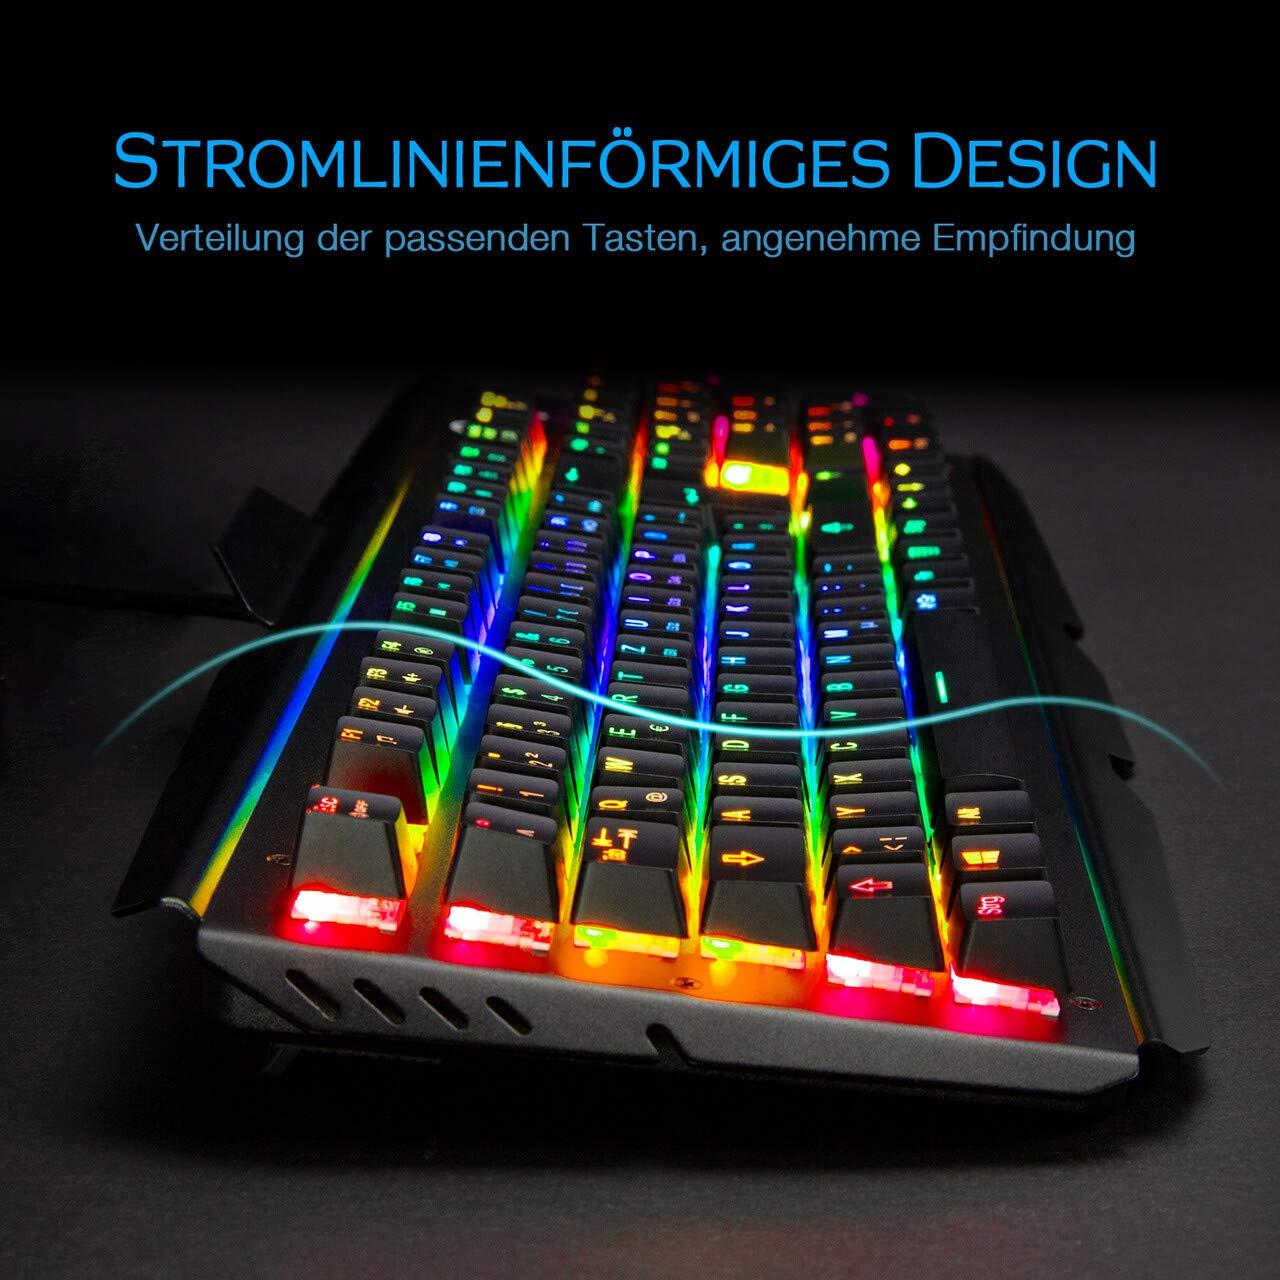 OMBAR Mechanische Tastatur Gaming-Tastatur keyboard blaue Schalter mit acht RGB Hintergrundbeleuchtung, Deutsches Tastaturlayout Anti-Gosting